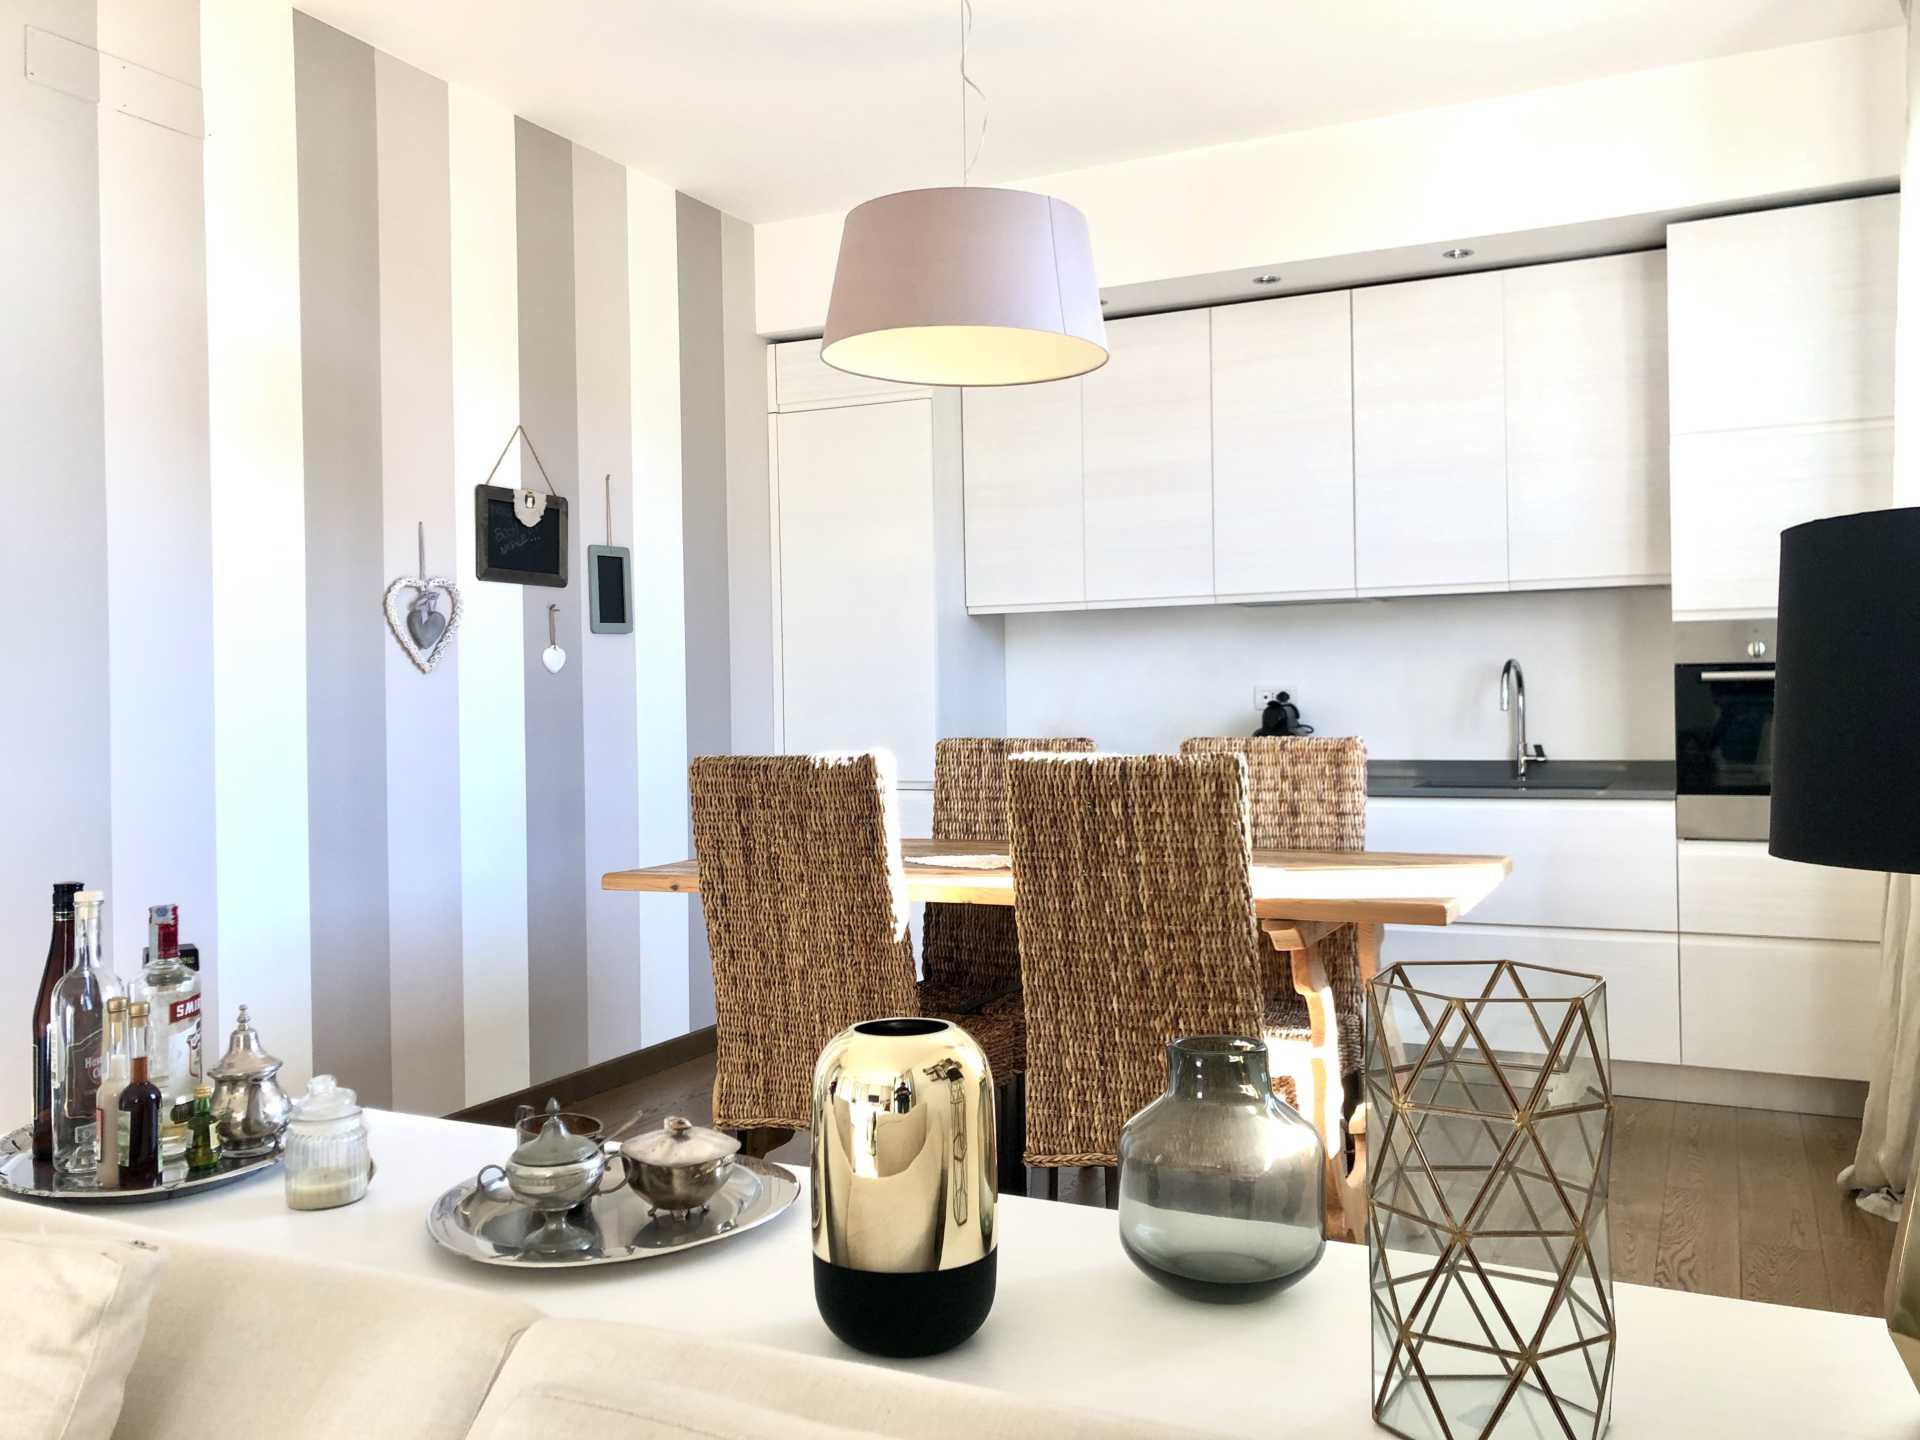 Appartamento in vendita di design casaestyle (3)